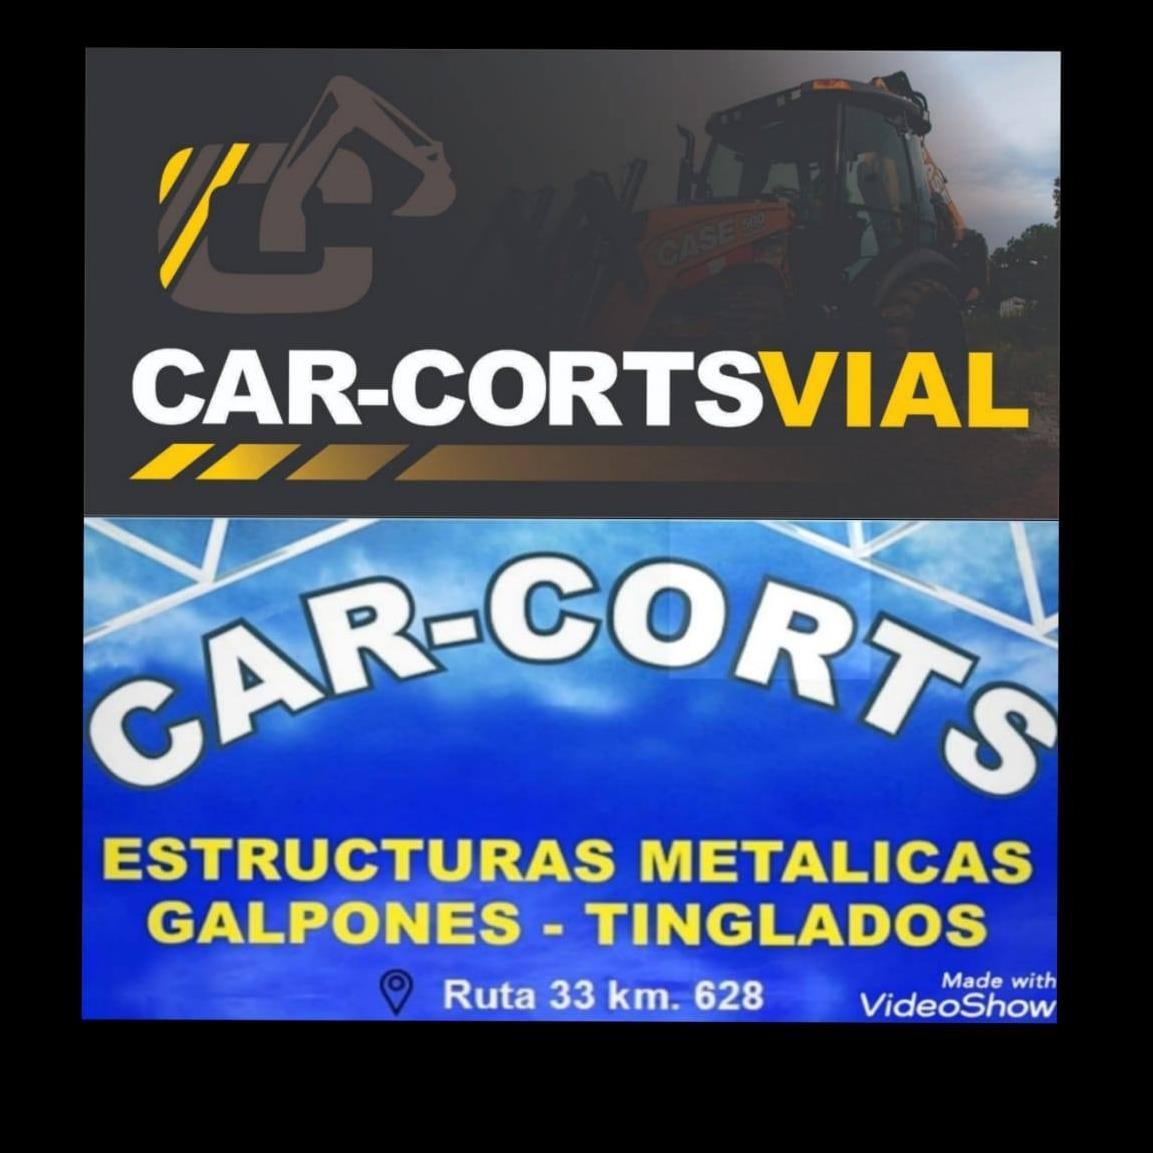 CAR-CORTS